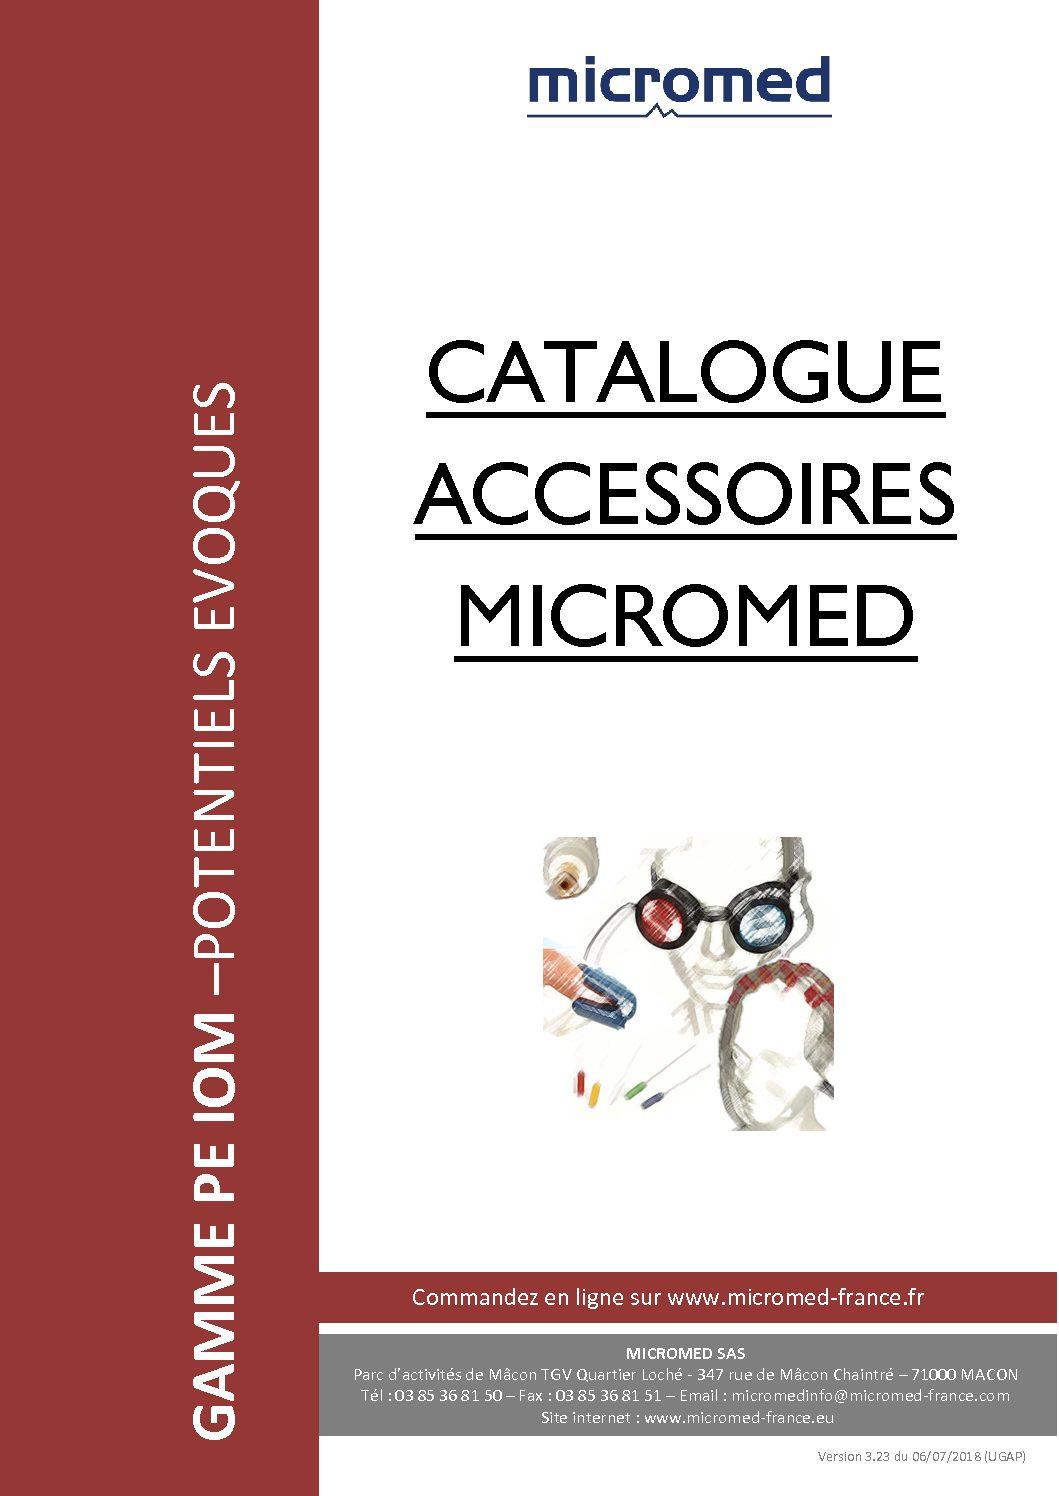 Supports Catalogues Catalogue accessoires PE pdf - Accessoires